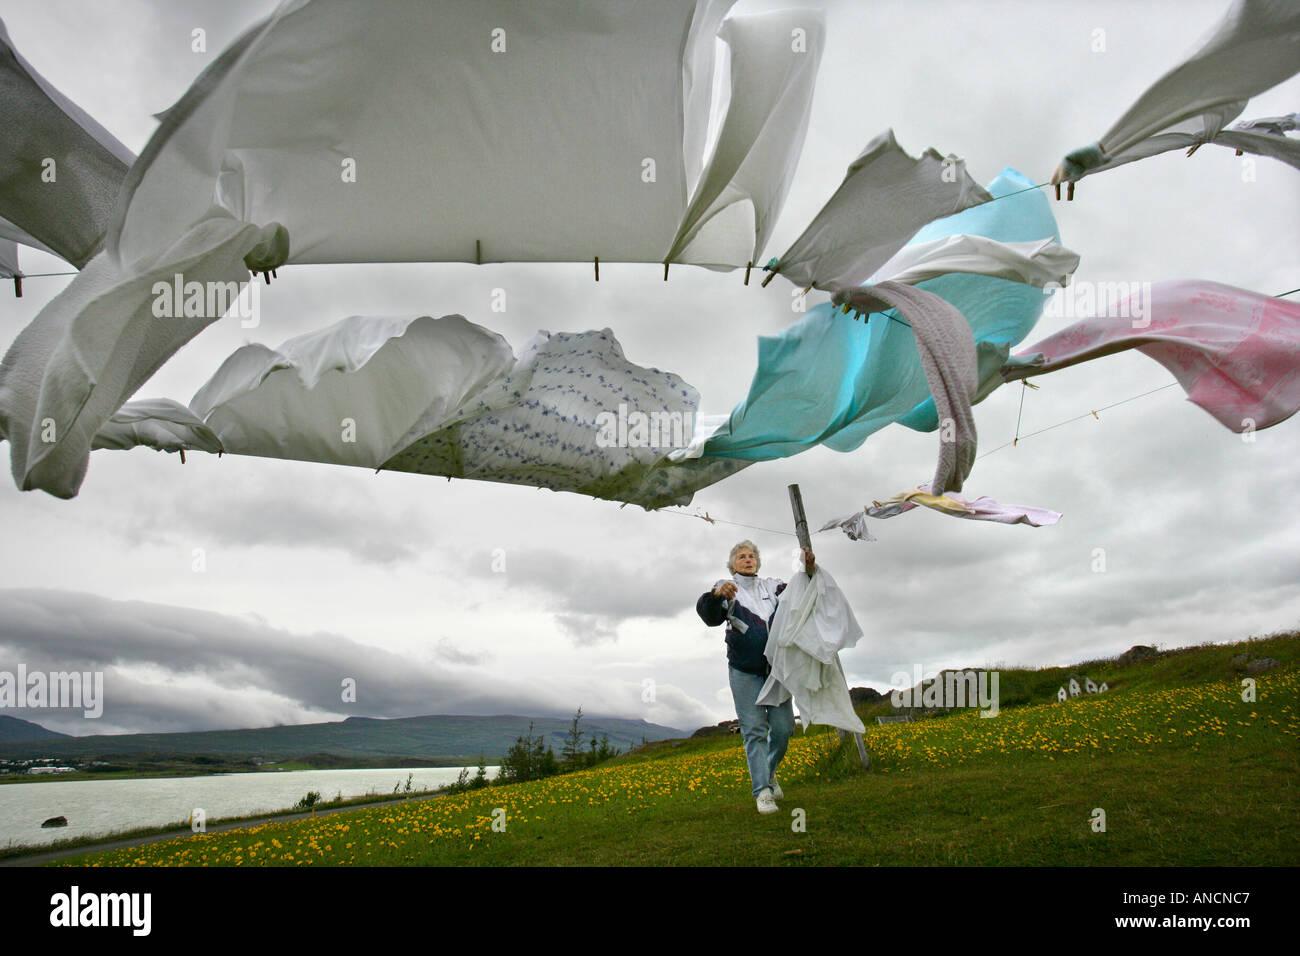 Windy Laundry Eastern Iceland - Stock Image